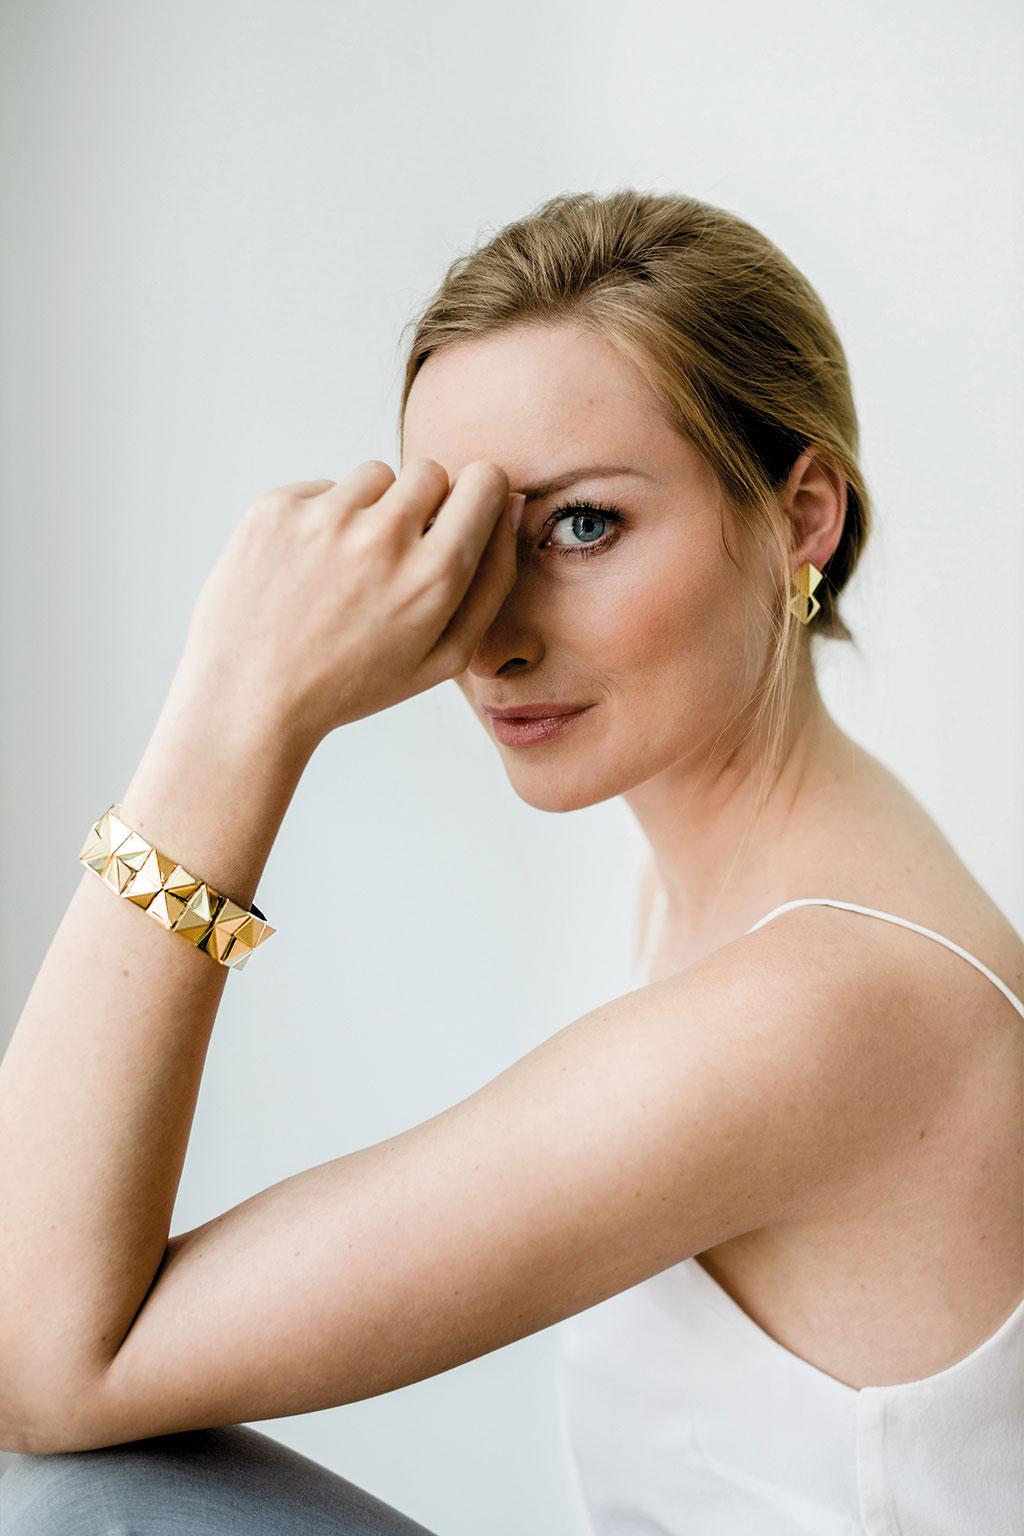 zweireihiges Armband 11.700 Euro, und zweiteiliger Ohrschmuck (Oberteile 690 Euro, Unterteile 690 Euro) Foto: Theresa Pewal